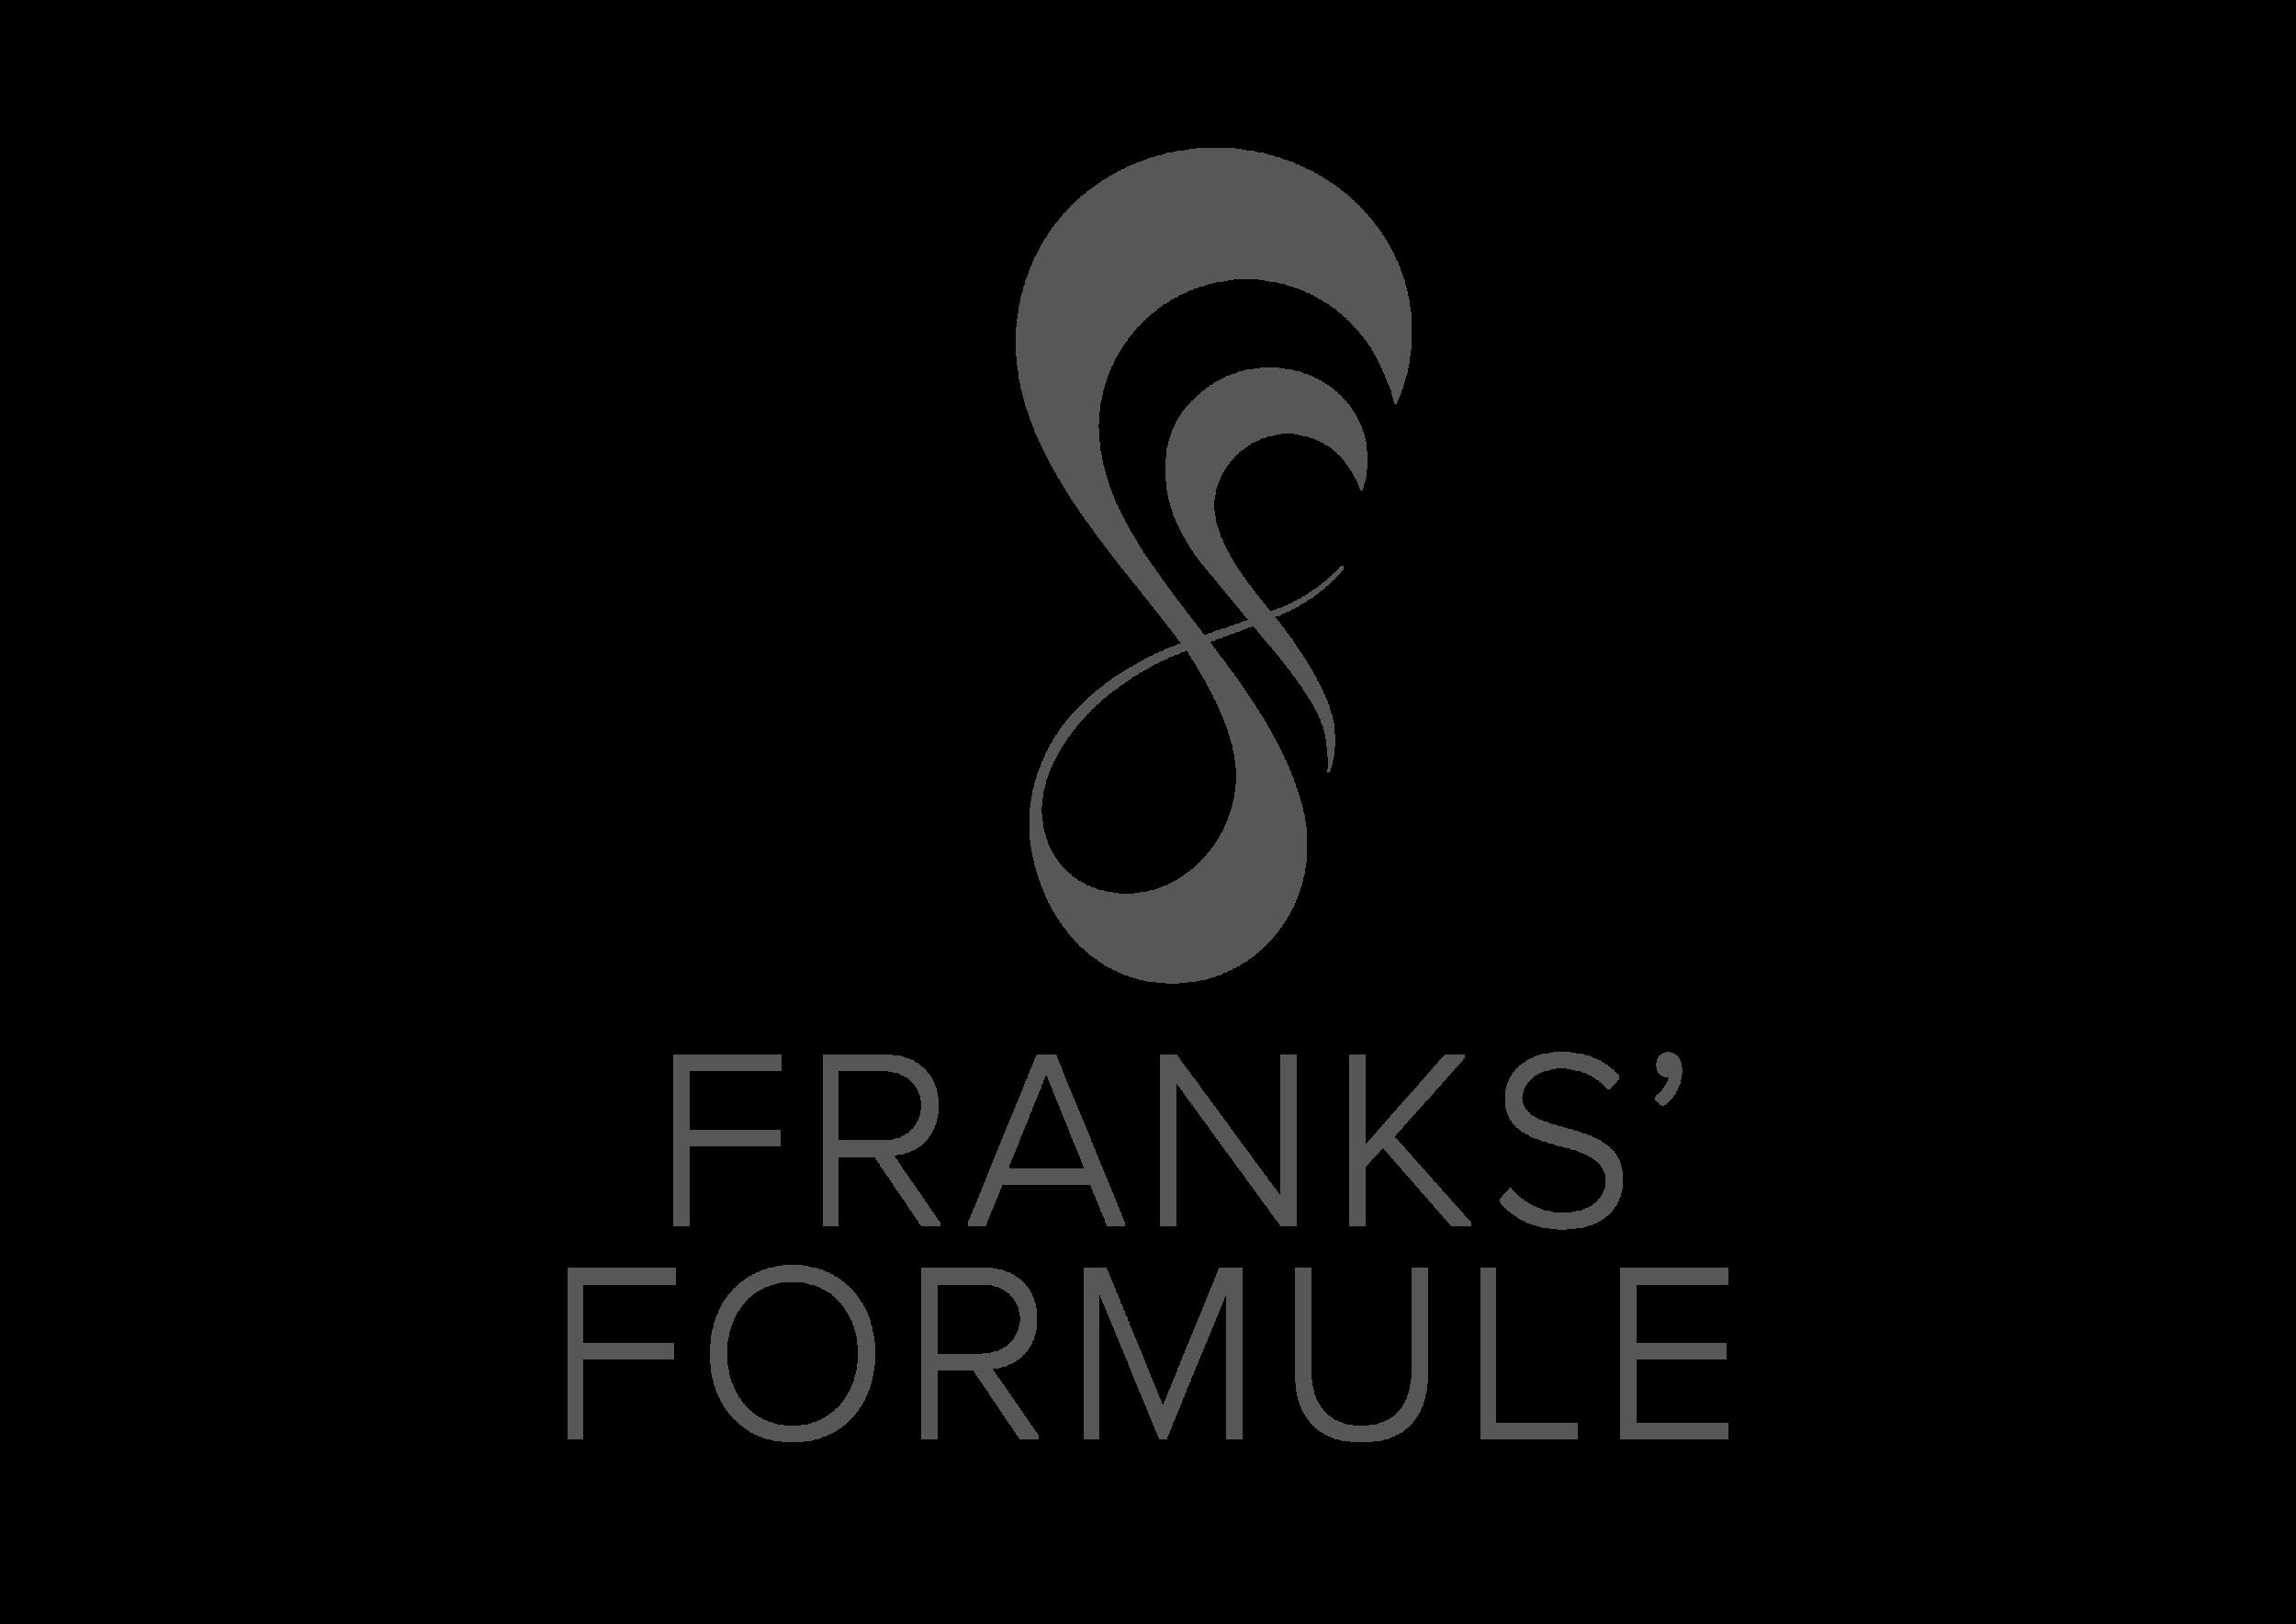 FranksFormule-_LogoLockup-Grey.png